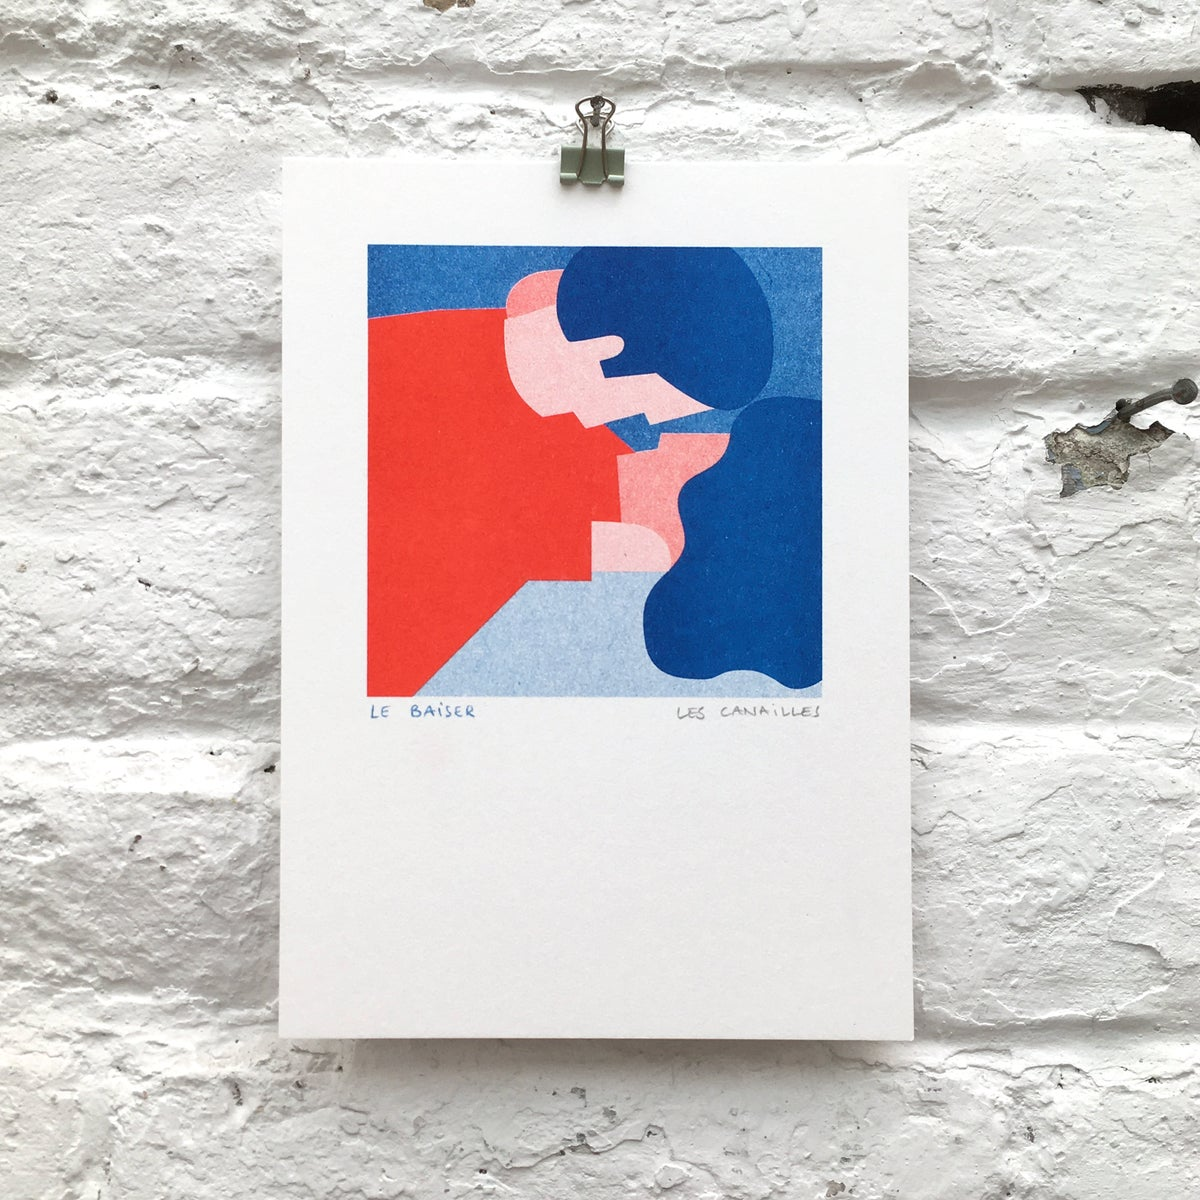 Image of Le baiser - Les canailles